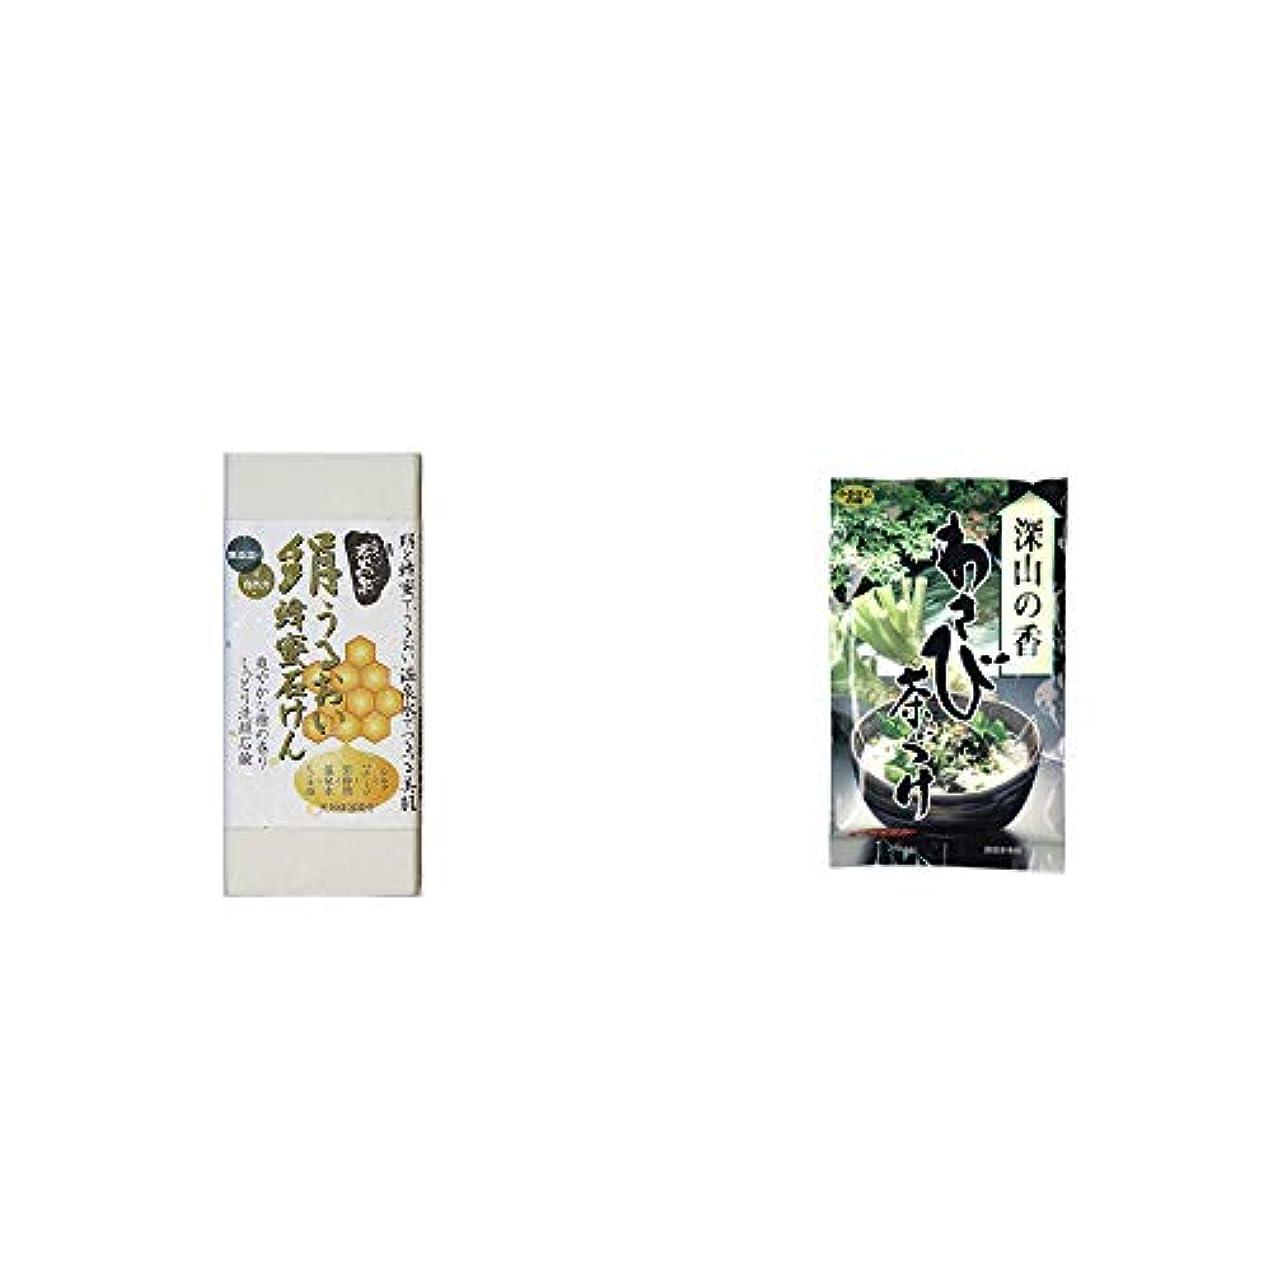 令状減らす独立した[2点セット] ひのき炭黒泉 絹うるおい蜂蜜石けん(75g×2)?特選茶漬け 深山の香 わさび茶づけ(10袋入)